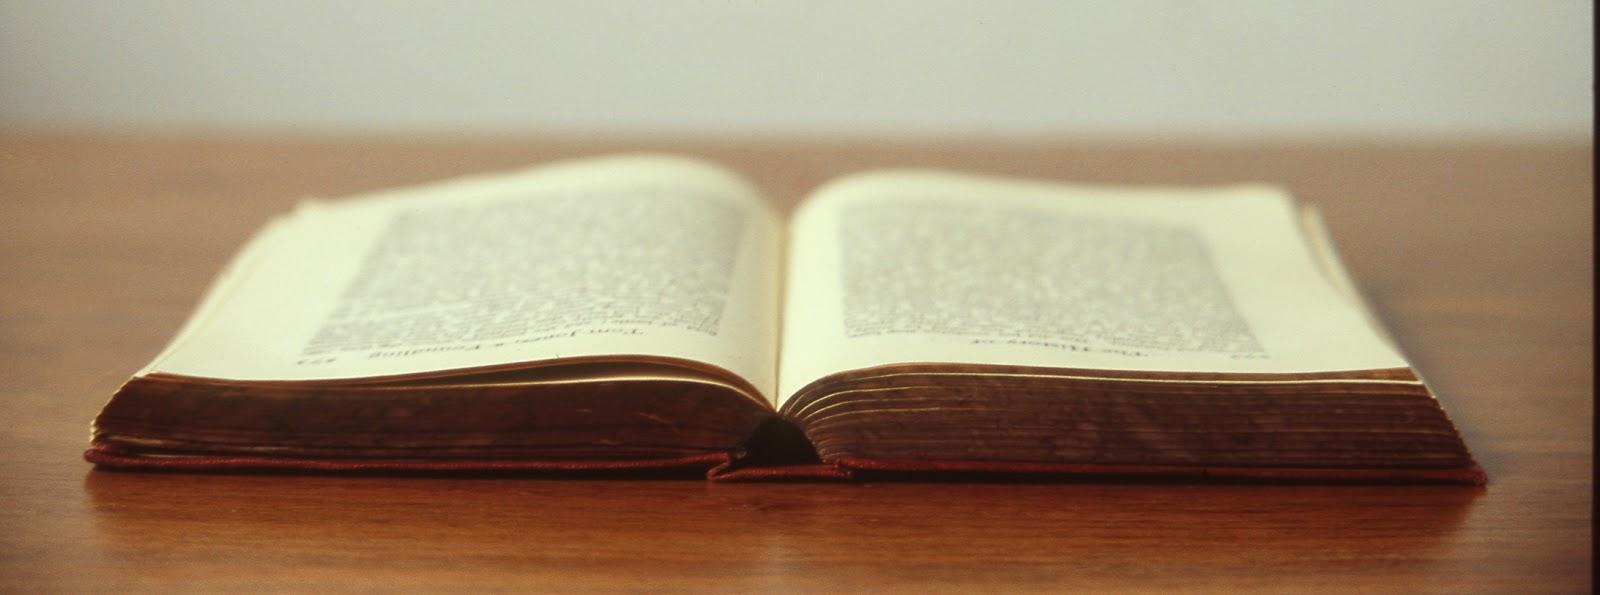 kā izdot savu grāmatu